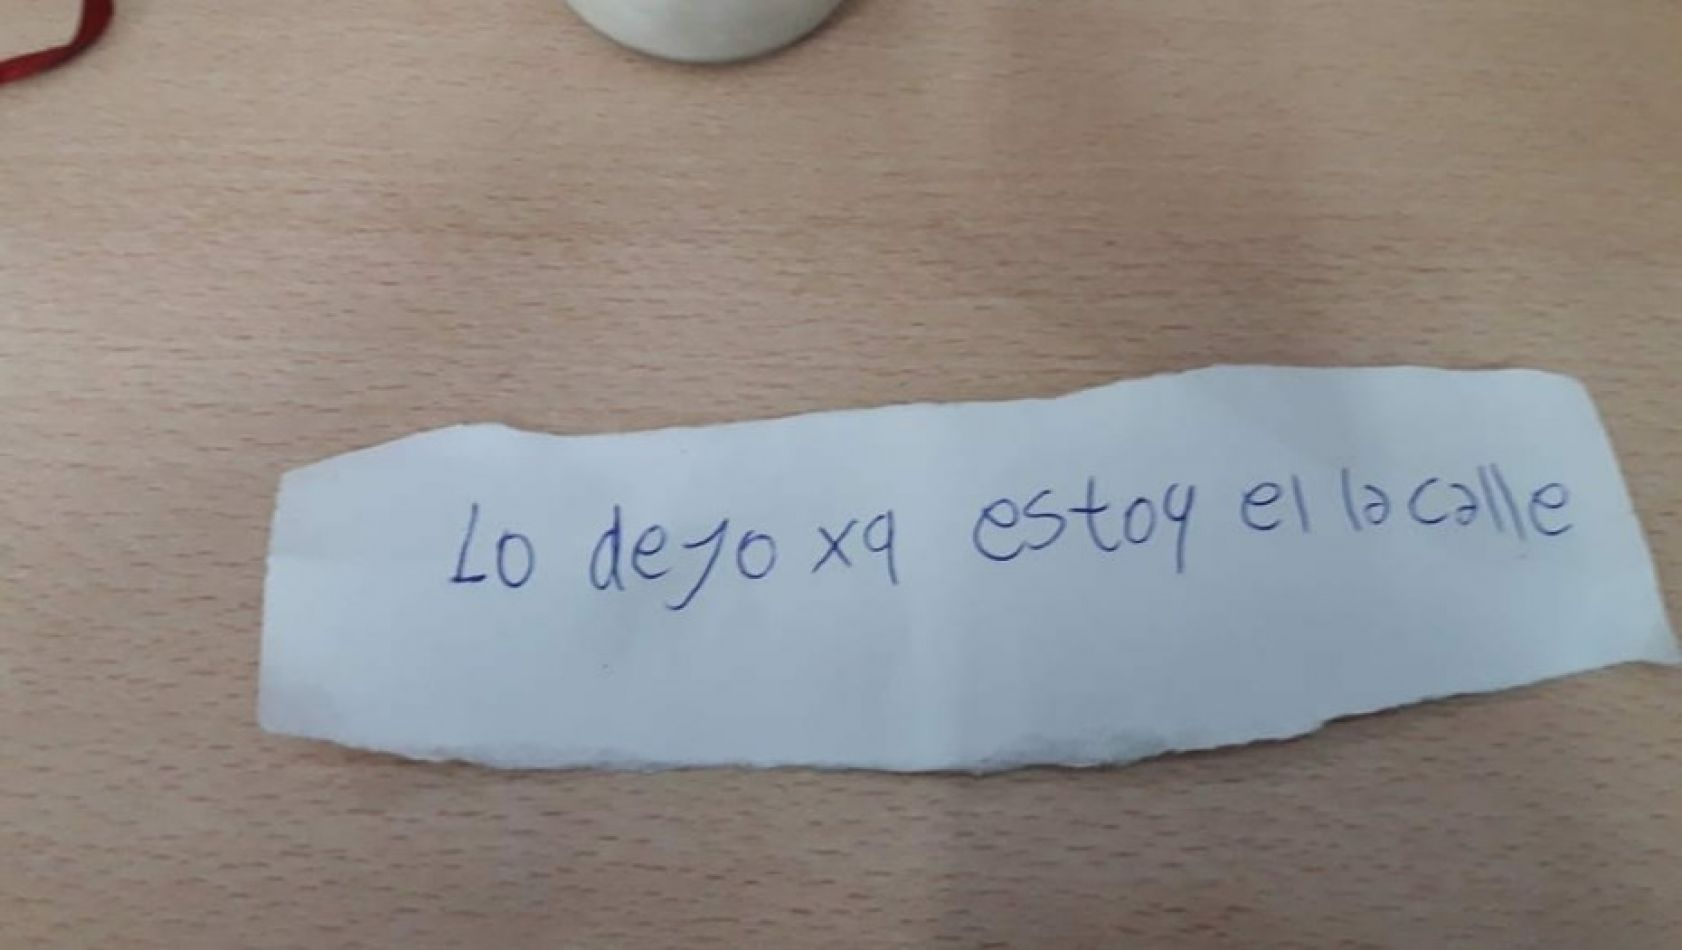 La Policía de la provincia de Buenos Aires encontró a un bebé de más de un año abandonado en la calle. Con el bebé estaba esta nota.